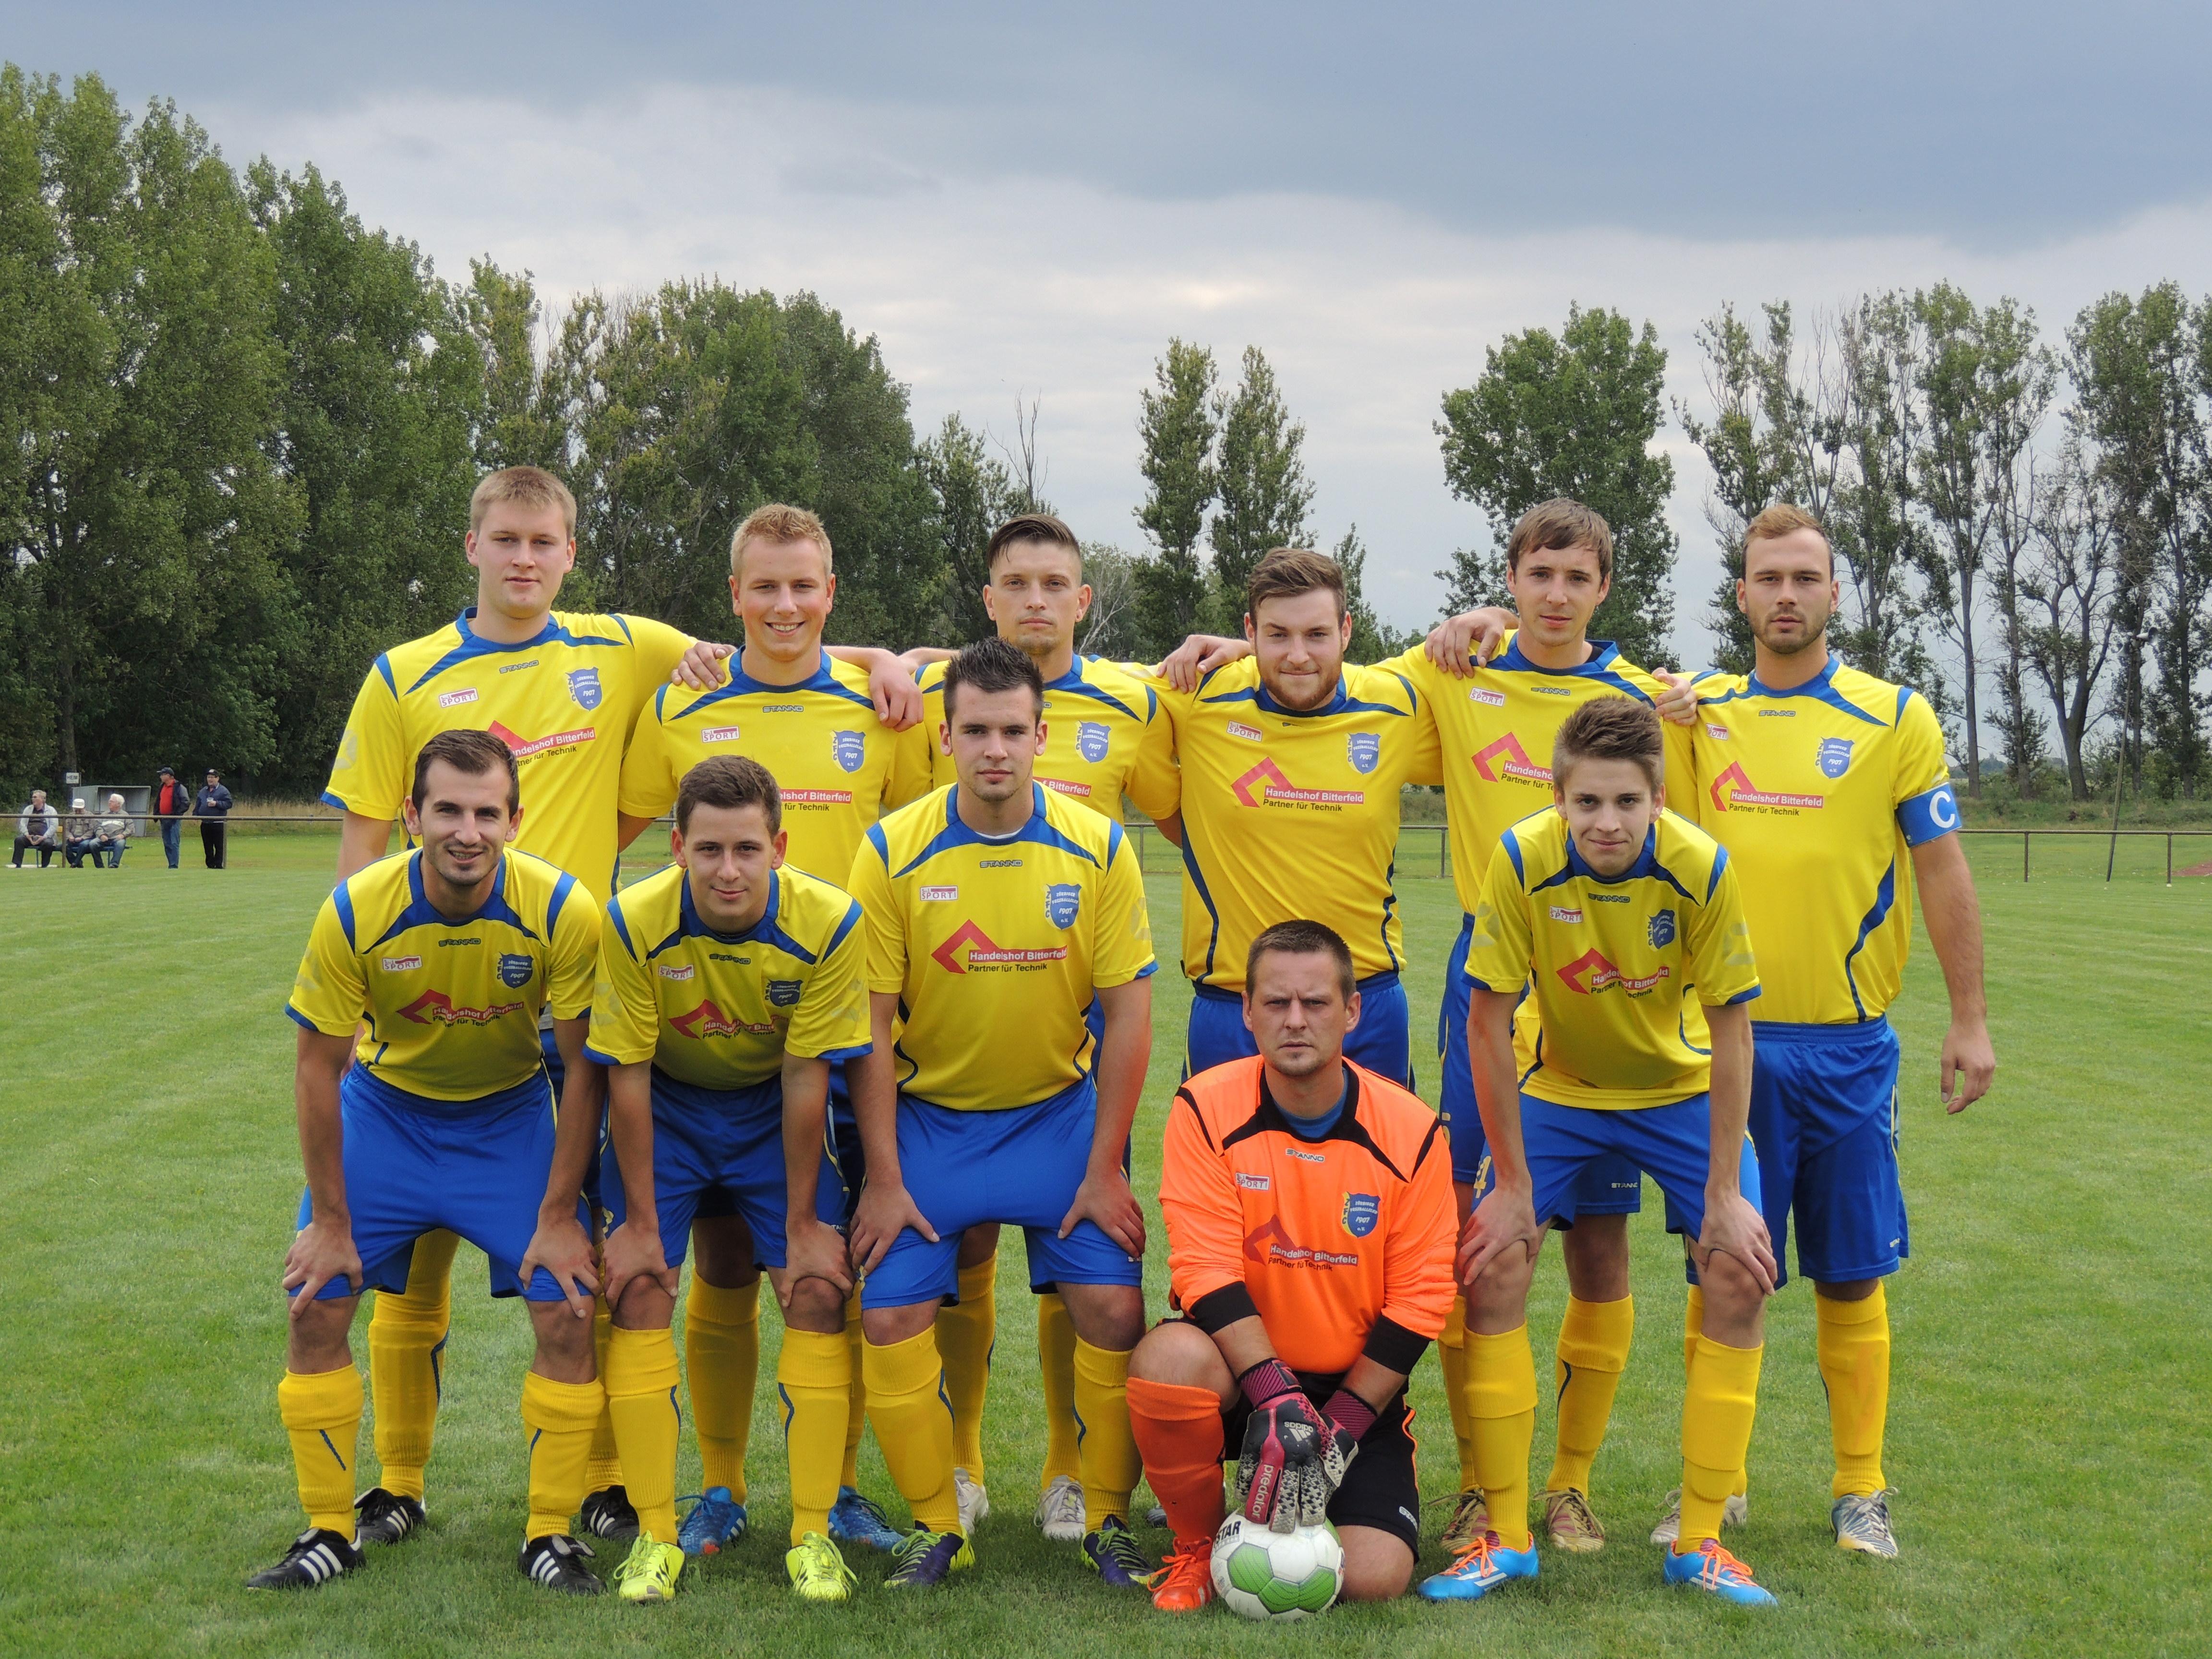 Vor dem Spiel gegen Quellendorf Saison 2014/15